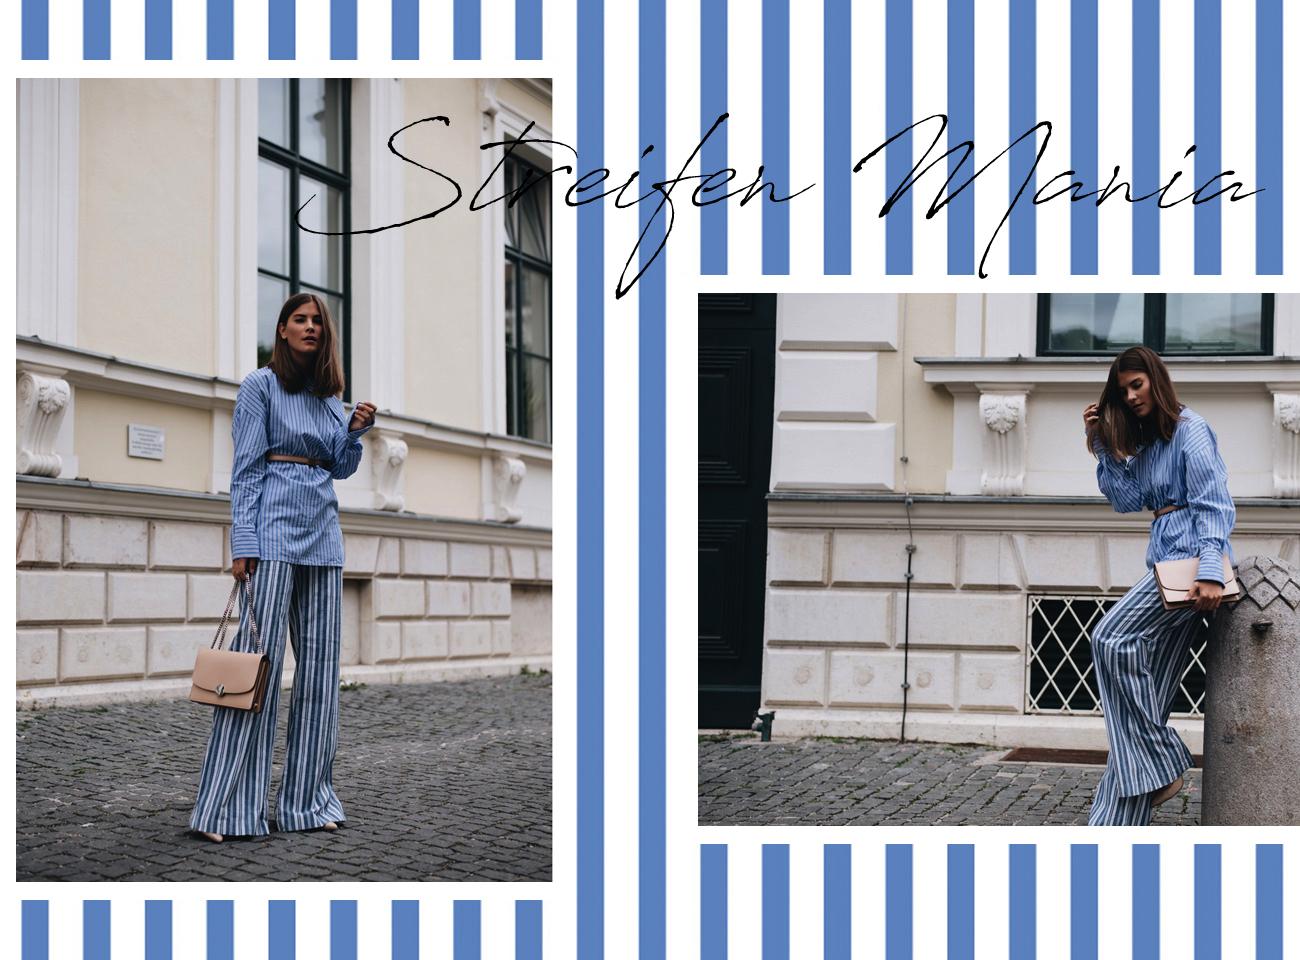 Streifen-komplett-look-outfit-mit-allover-streifen-fashiioncarpet-nina-schwichtenberg